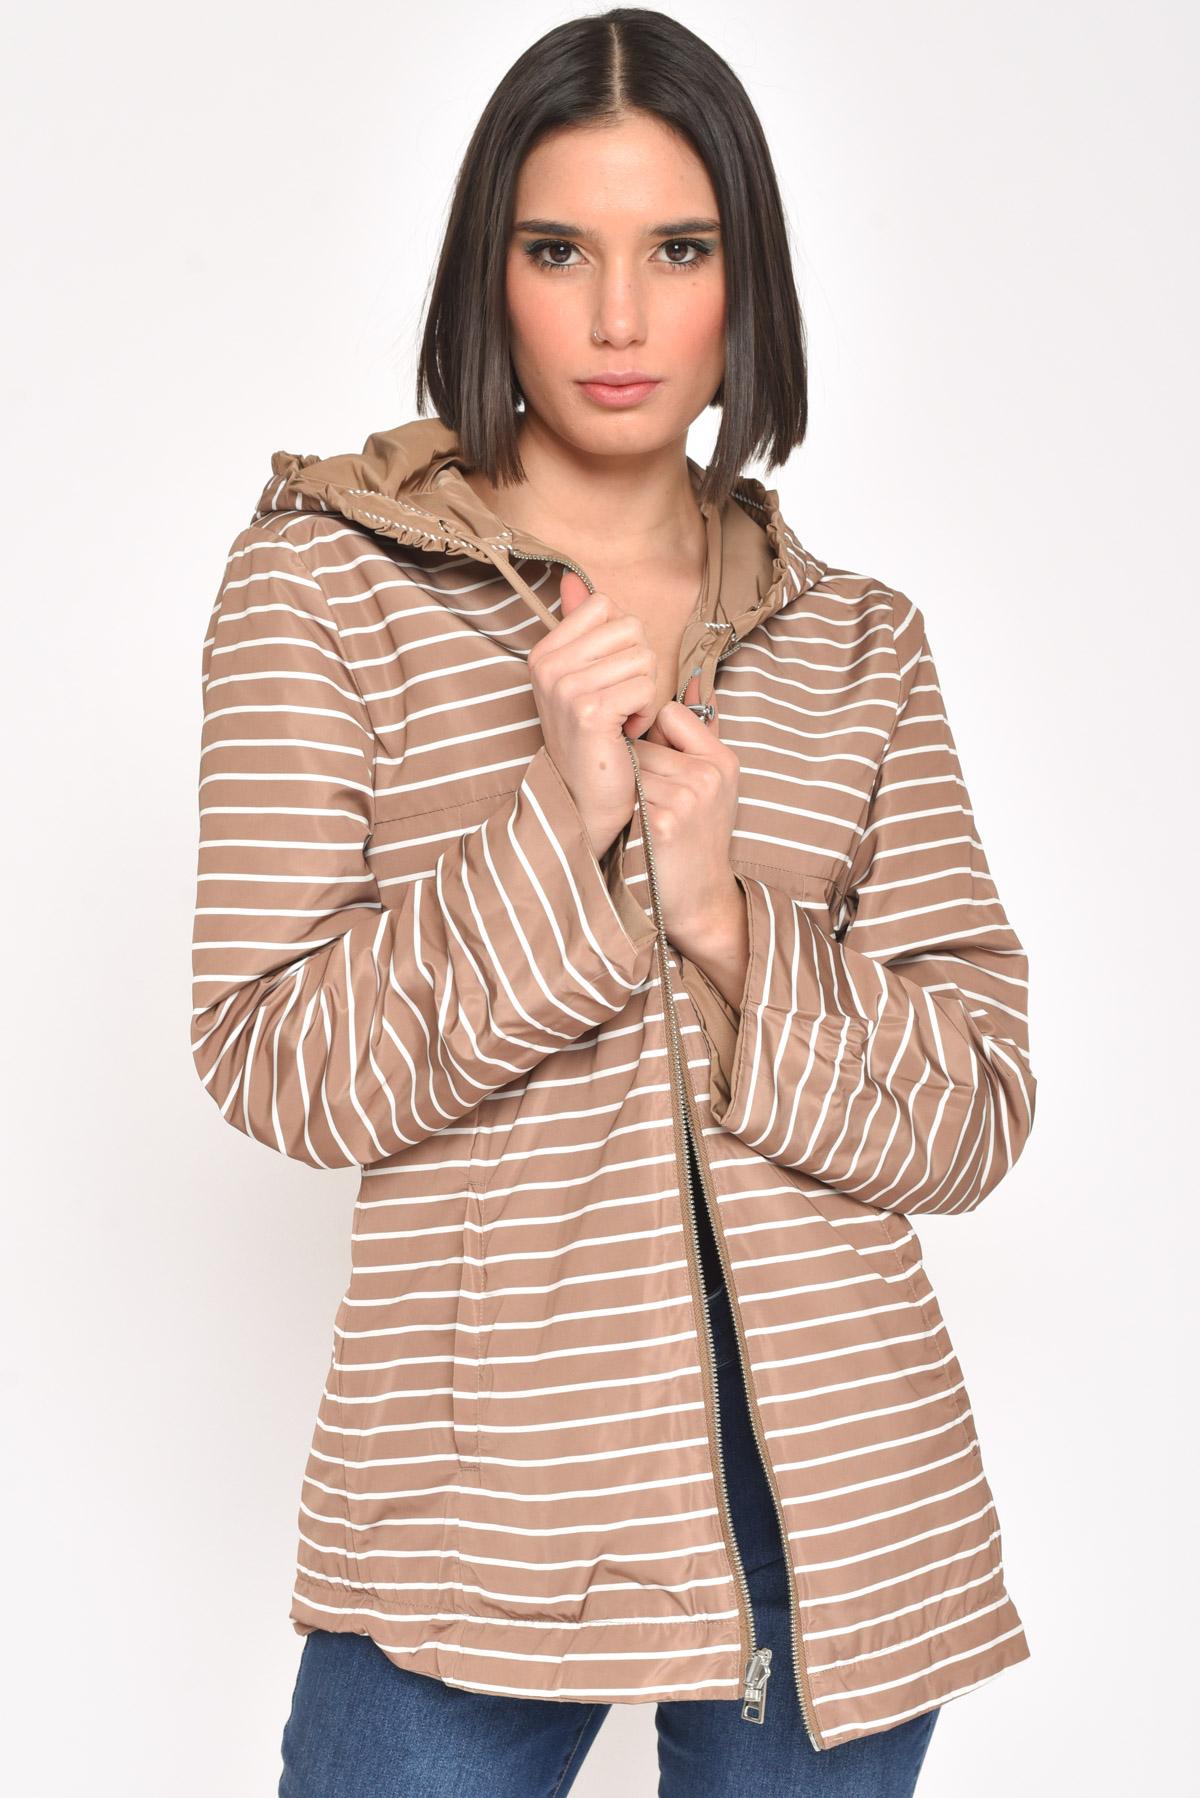 GIACCA IN NYLON REVERSIBILE CON CAPPUCCIO for women - TOBACCO - Paquito Pronto Moda Shop Online